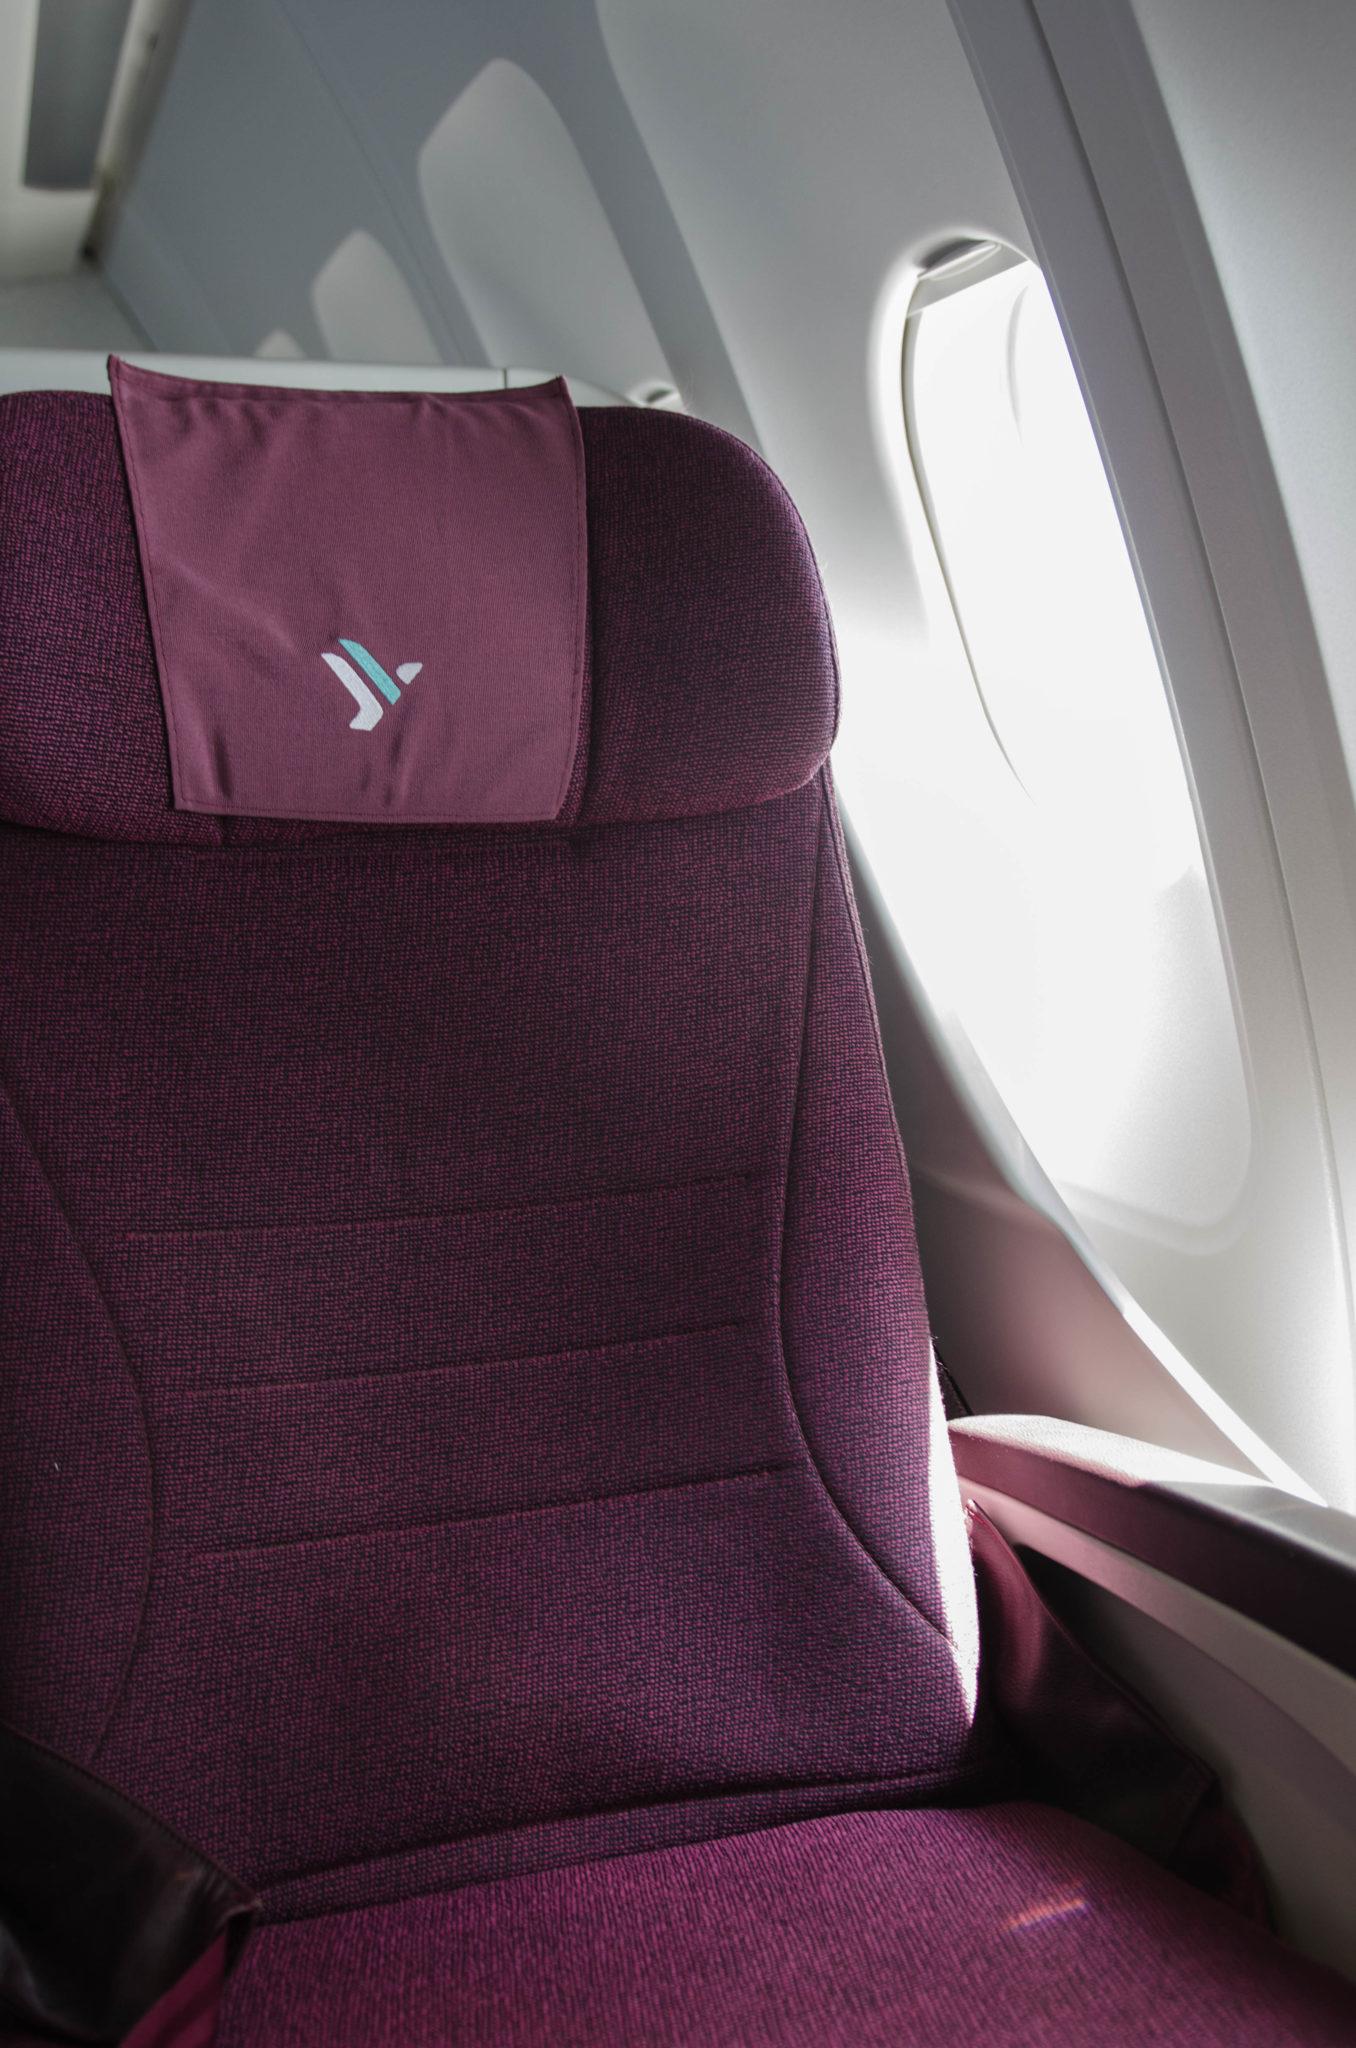 Die Ausstattung in der Air Italy Business Class auf dem Flug von Mailand nach New York